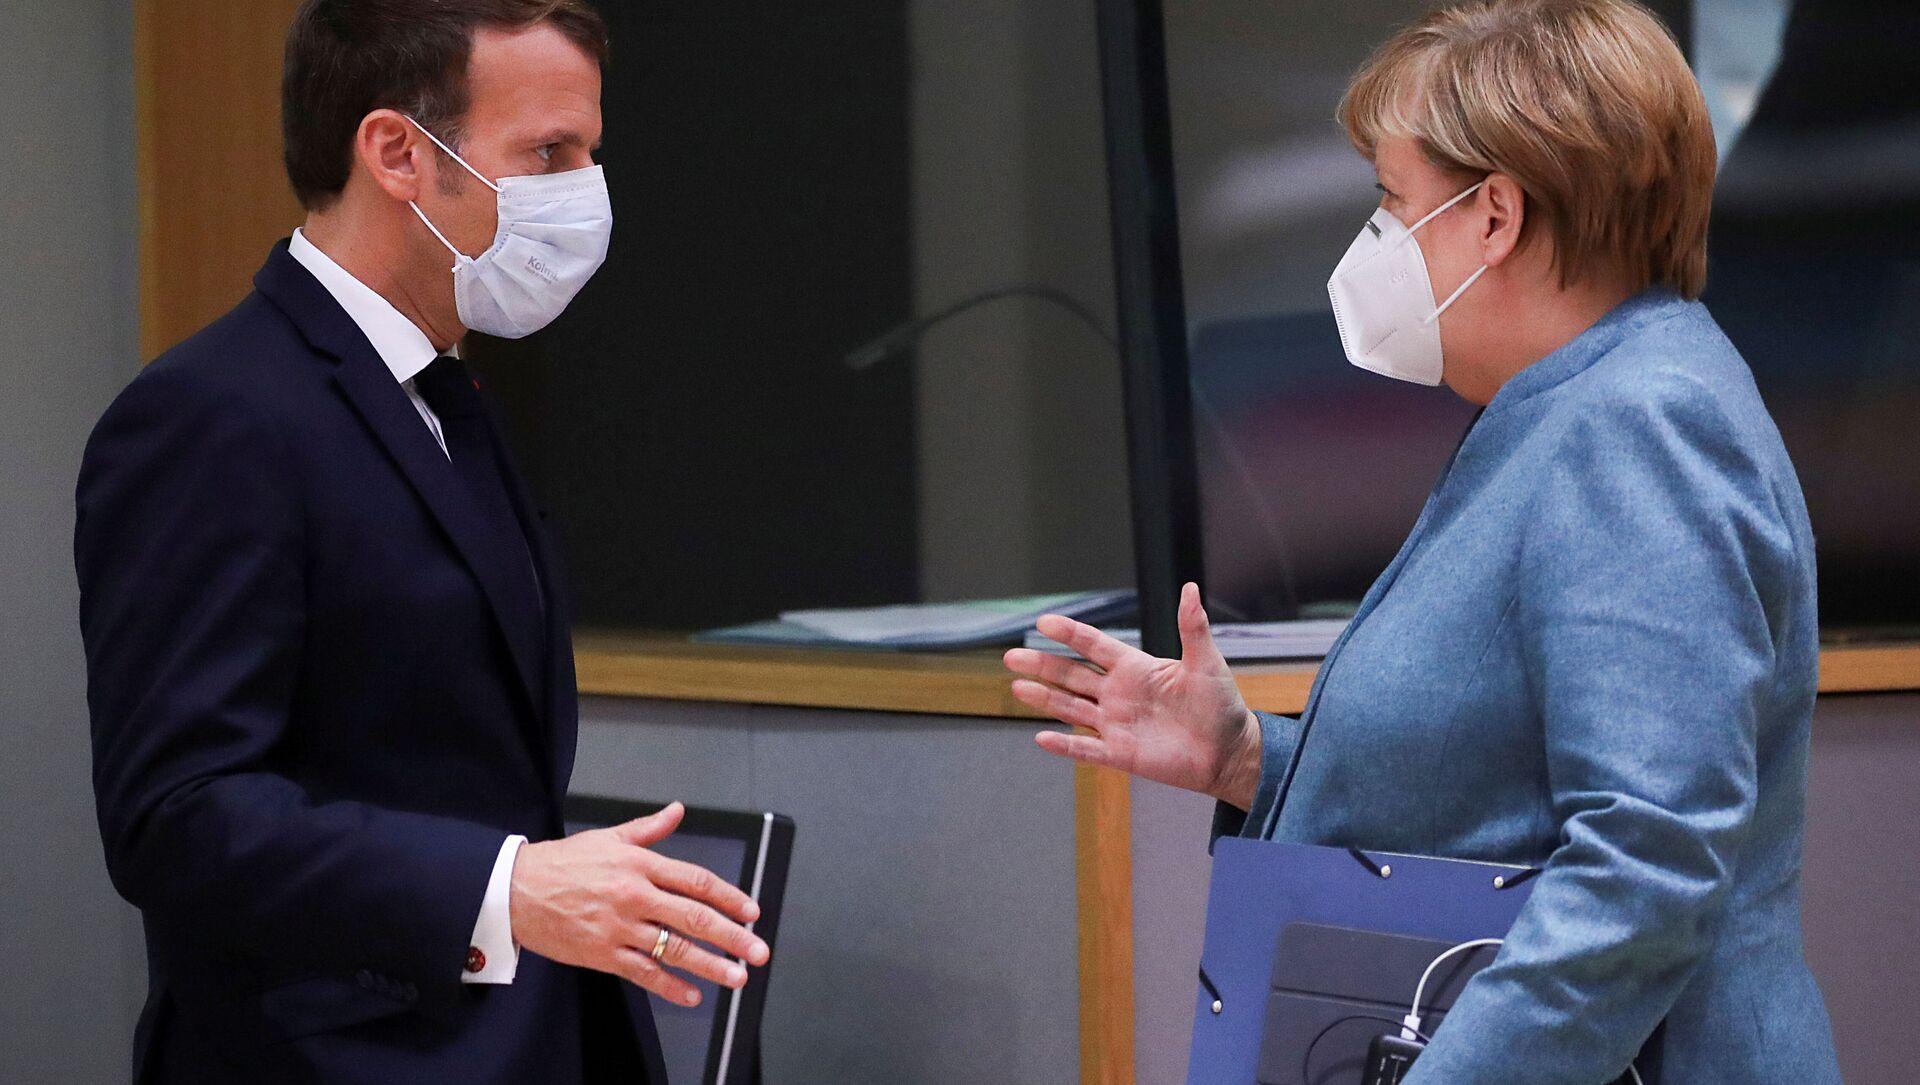 Fransa Cumhurbaşkanı Emmanuel Macron ile Almanya Başbakanı Angela Merkel, 15 Ekim 2020'deki AB zirvesinde tokalaşırken - Sputnik Türkiye, 1920, 05.08.2021